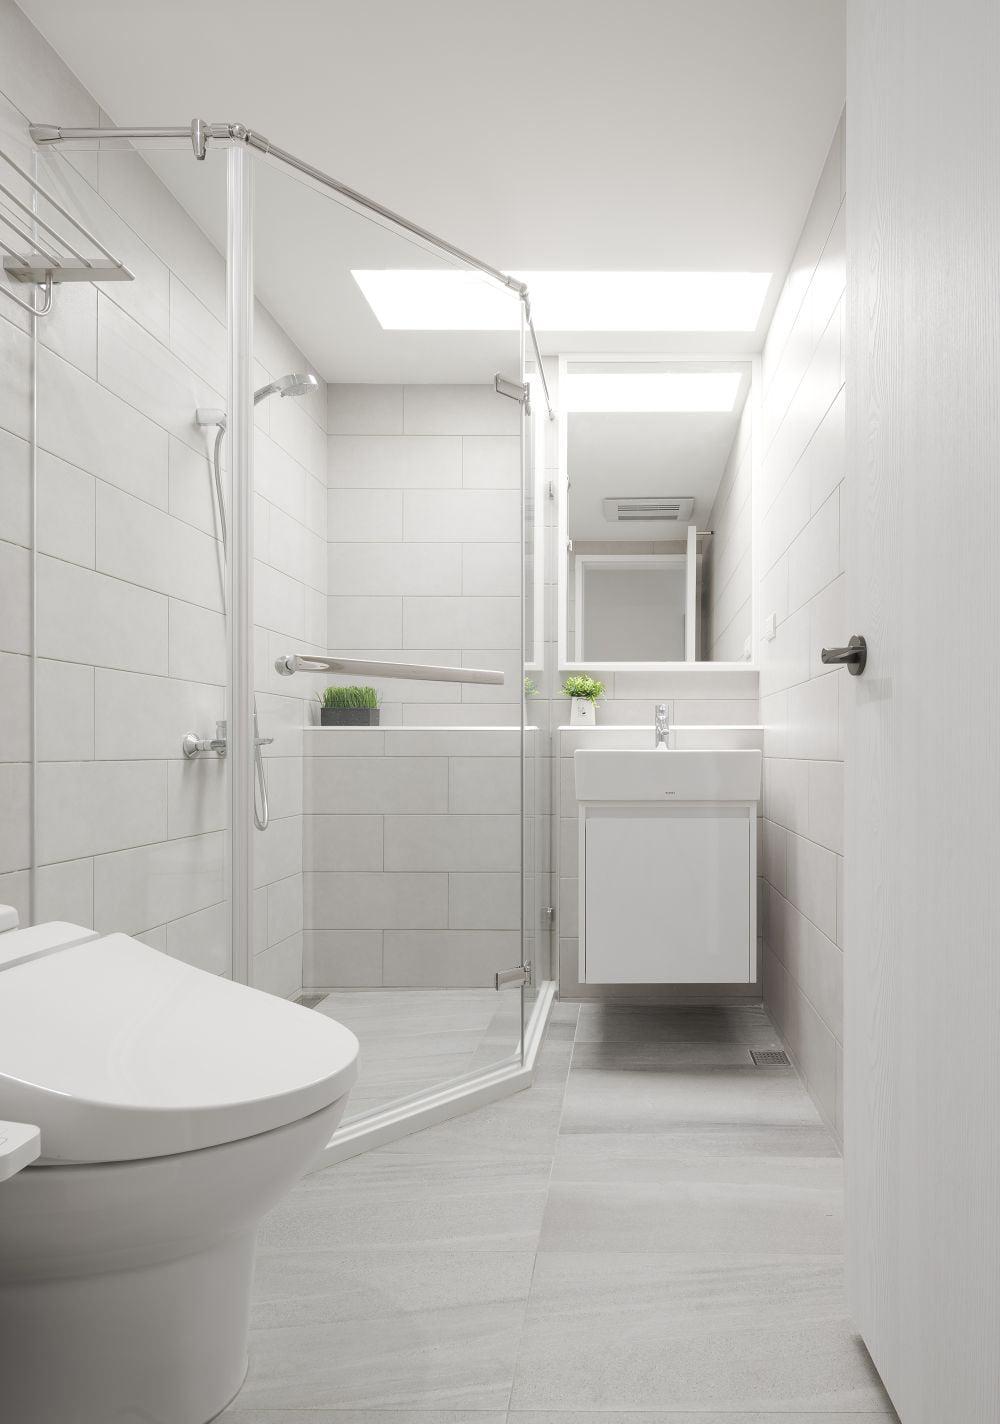 純白設計的浴室櫃, 清爽整潔